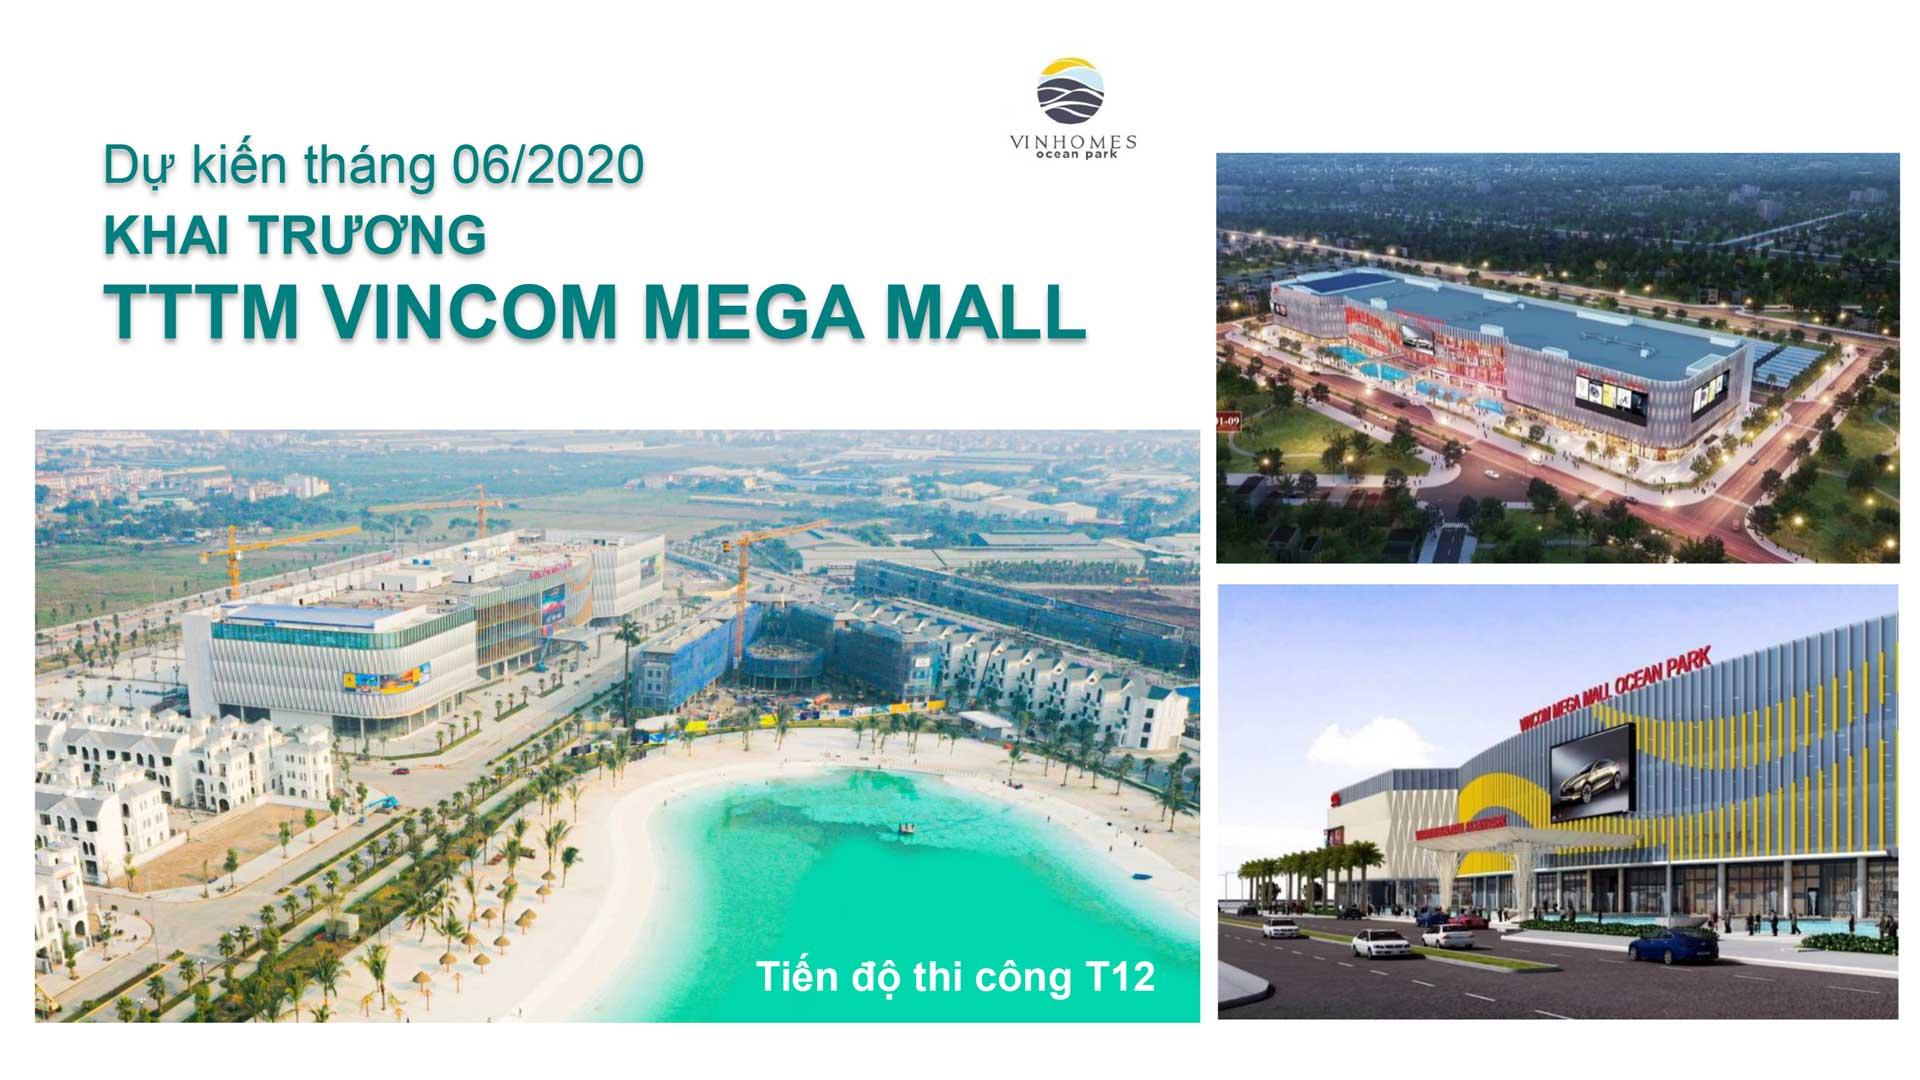 Trung tâm thương mại Vincom Mega mall tại dự án